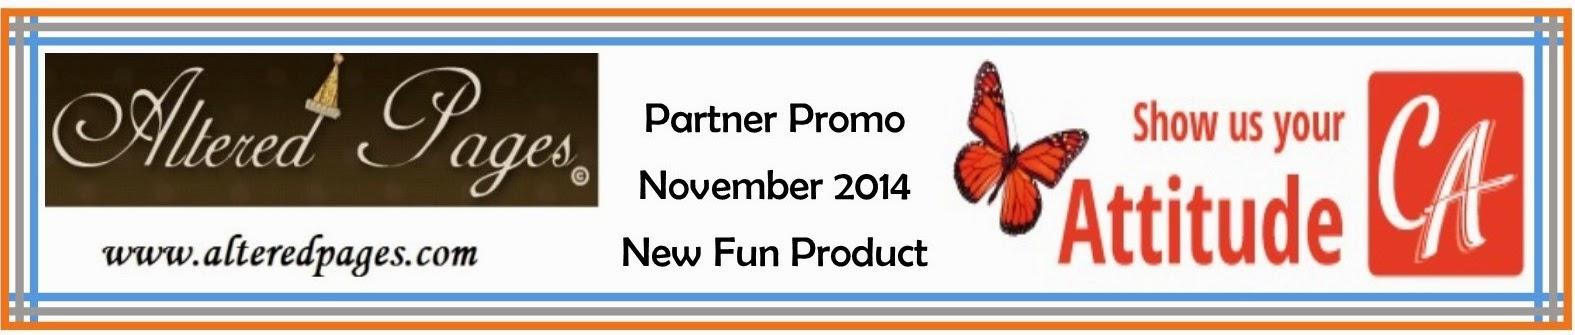 Our November Partner